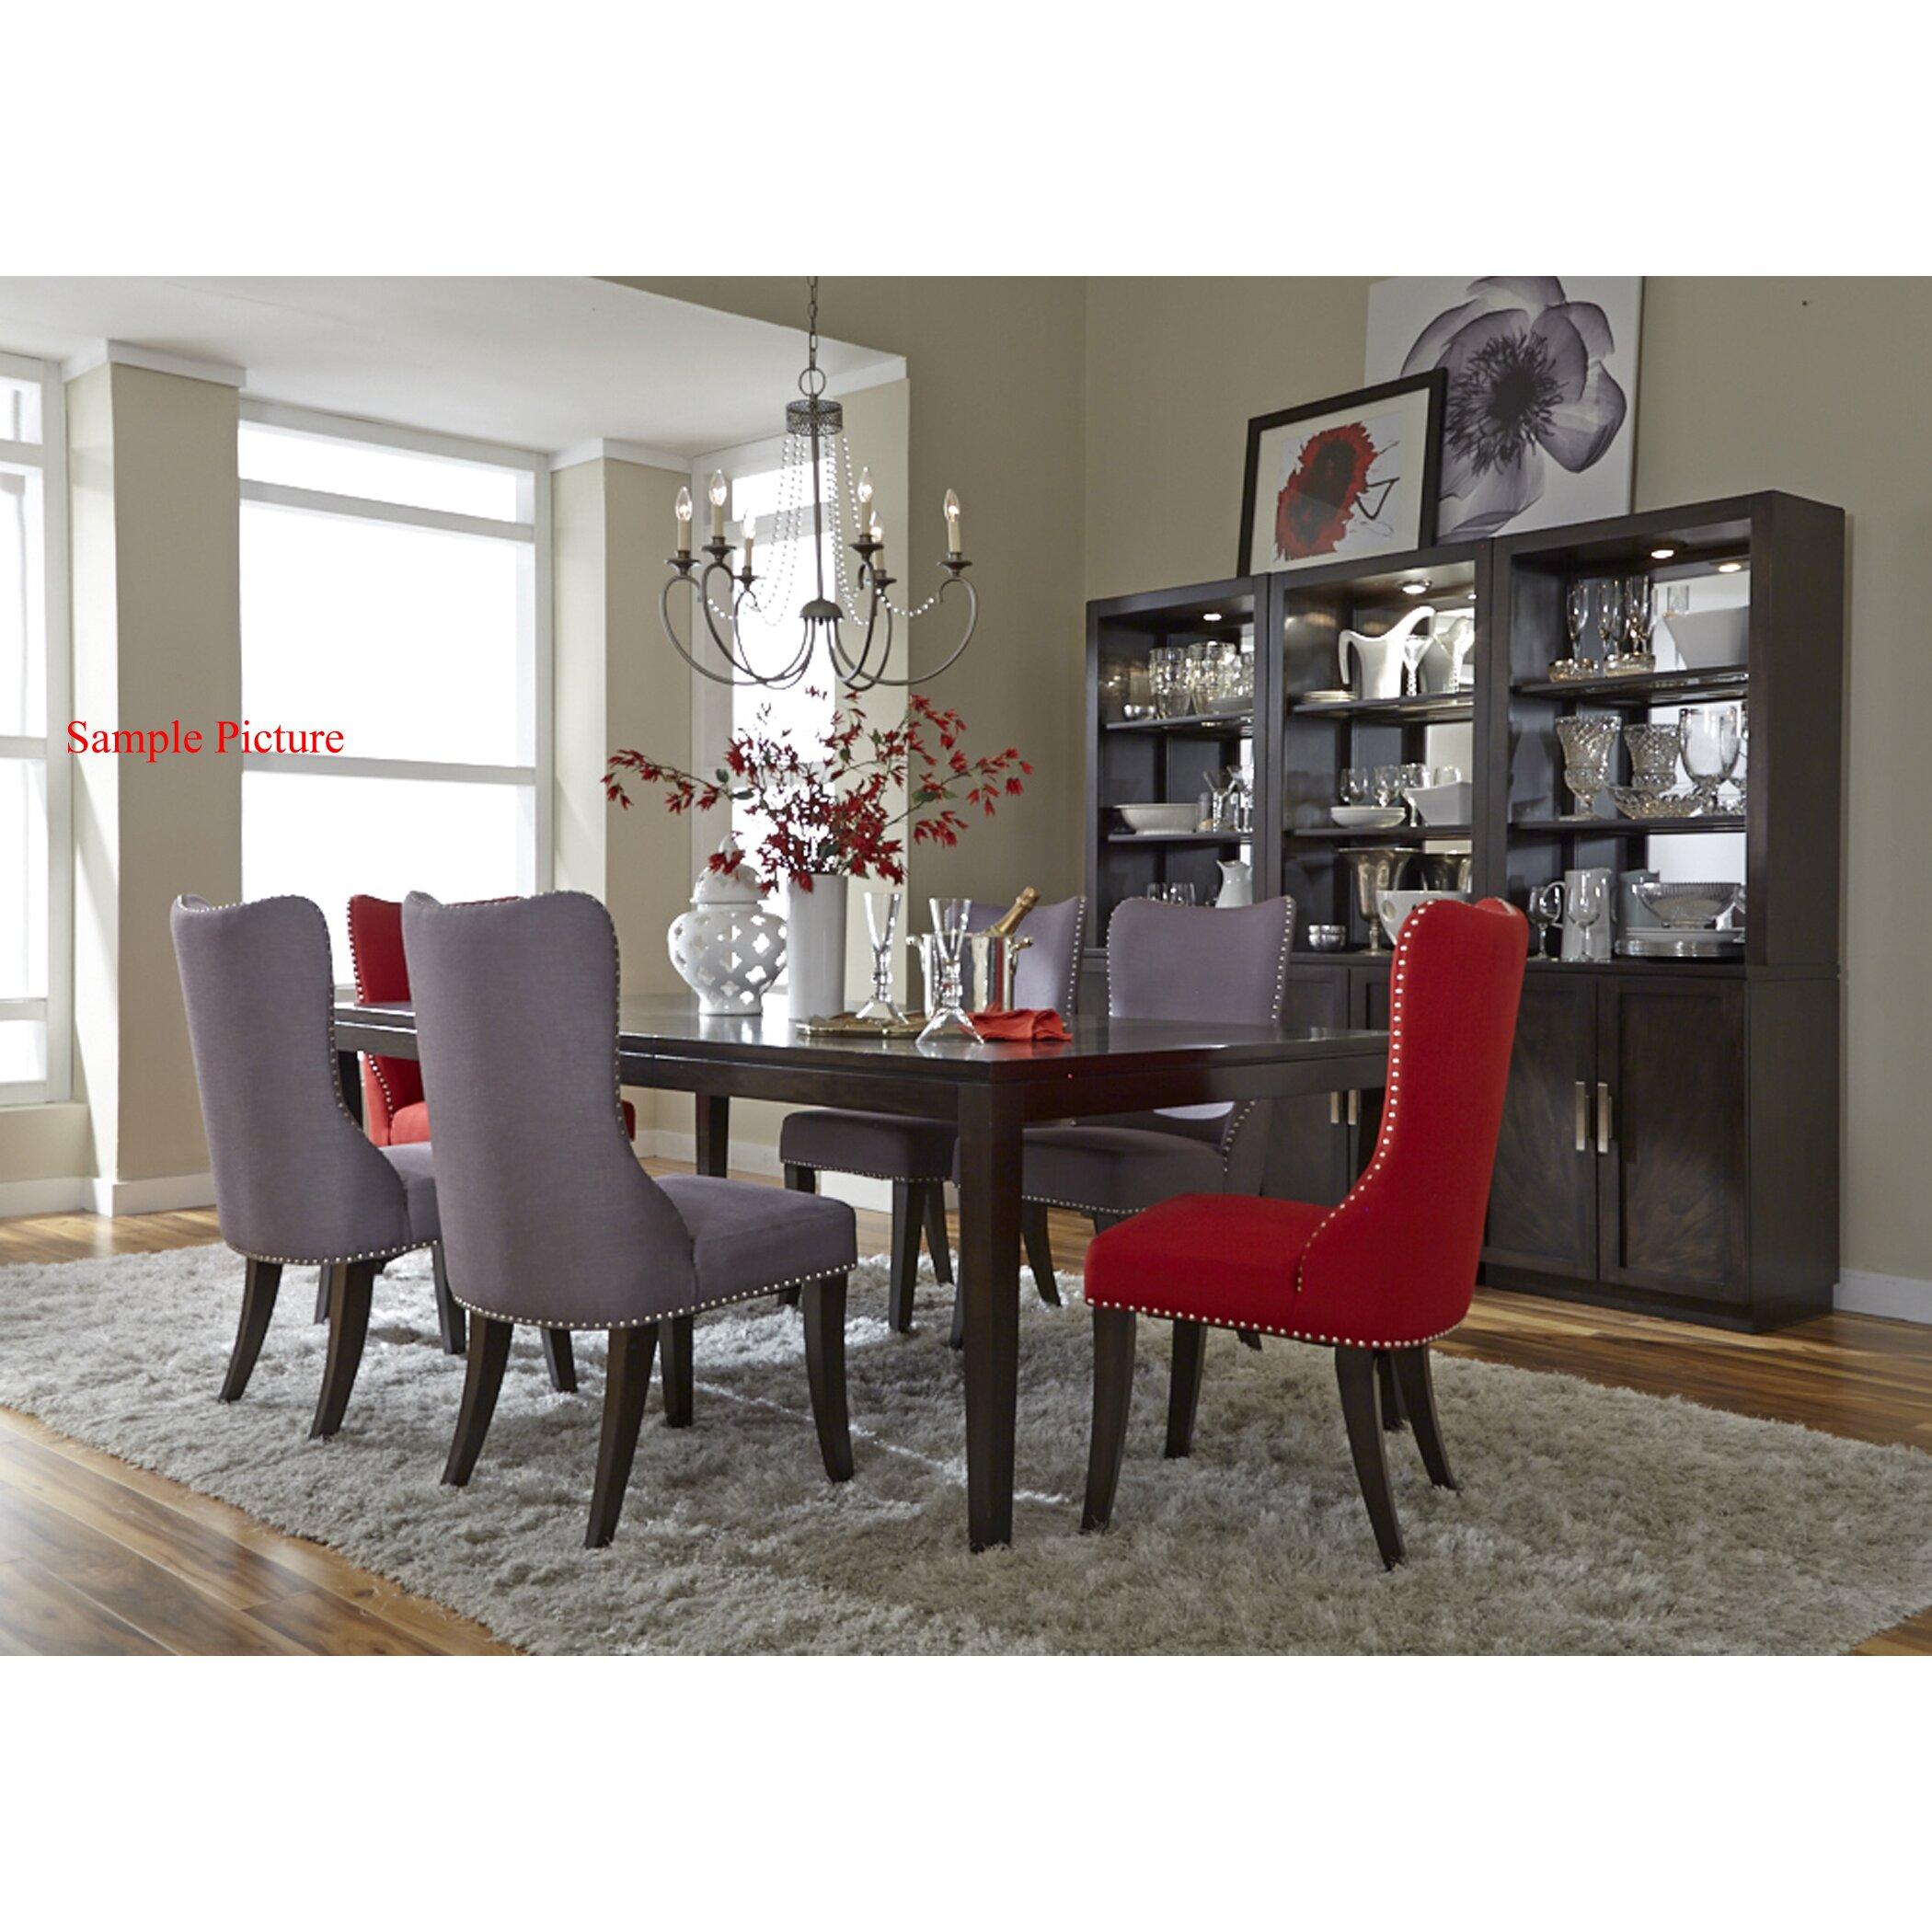 liberty furniture leg dining table  reviews  wayfair